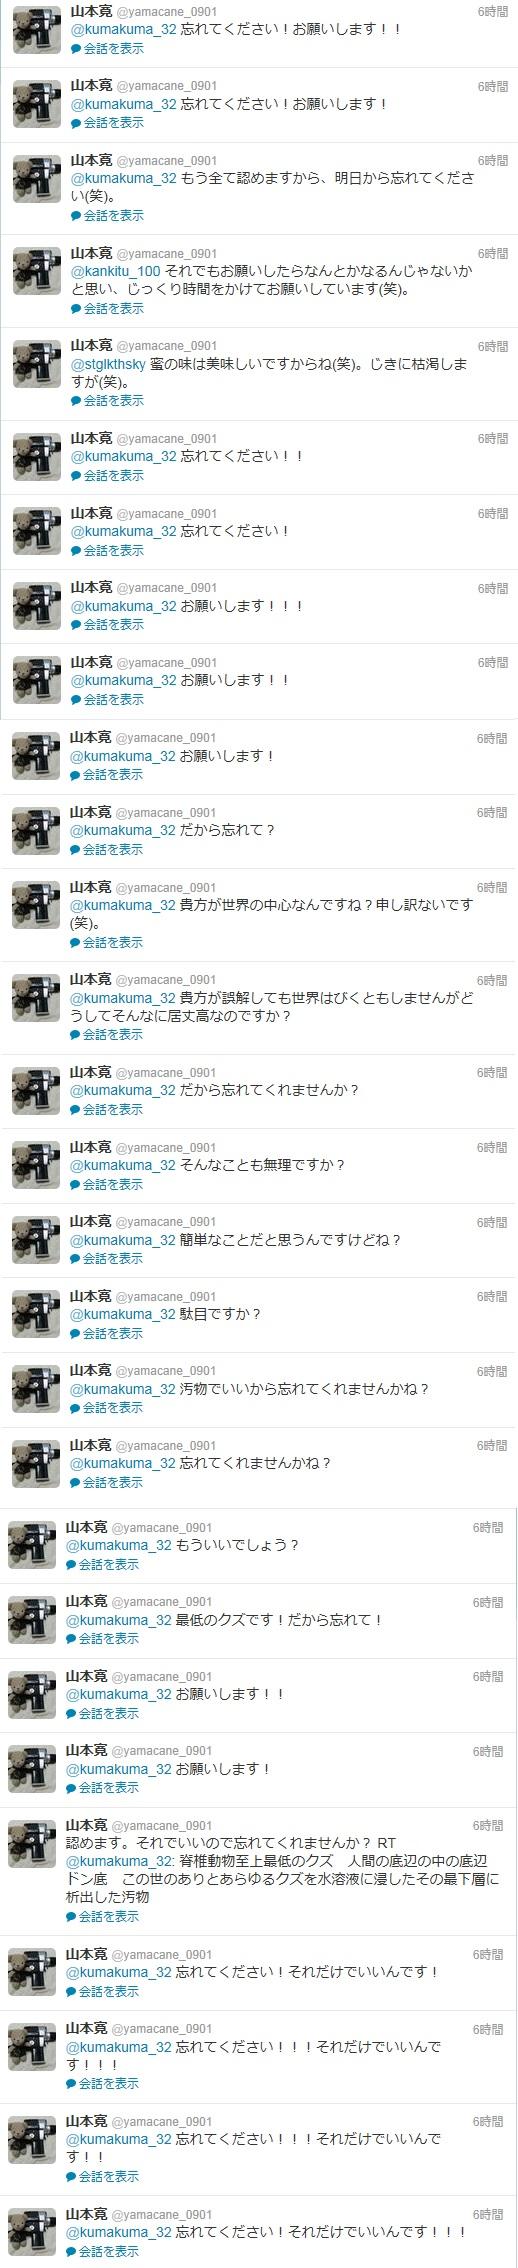 야마칸 감독, 특정 트위터 유저를 상대로 엄청난 숫..